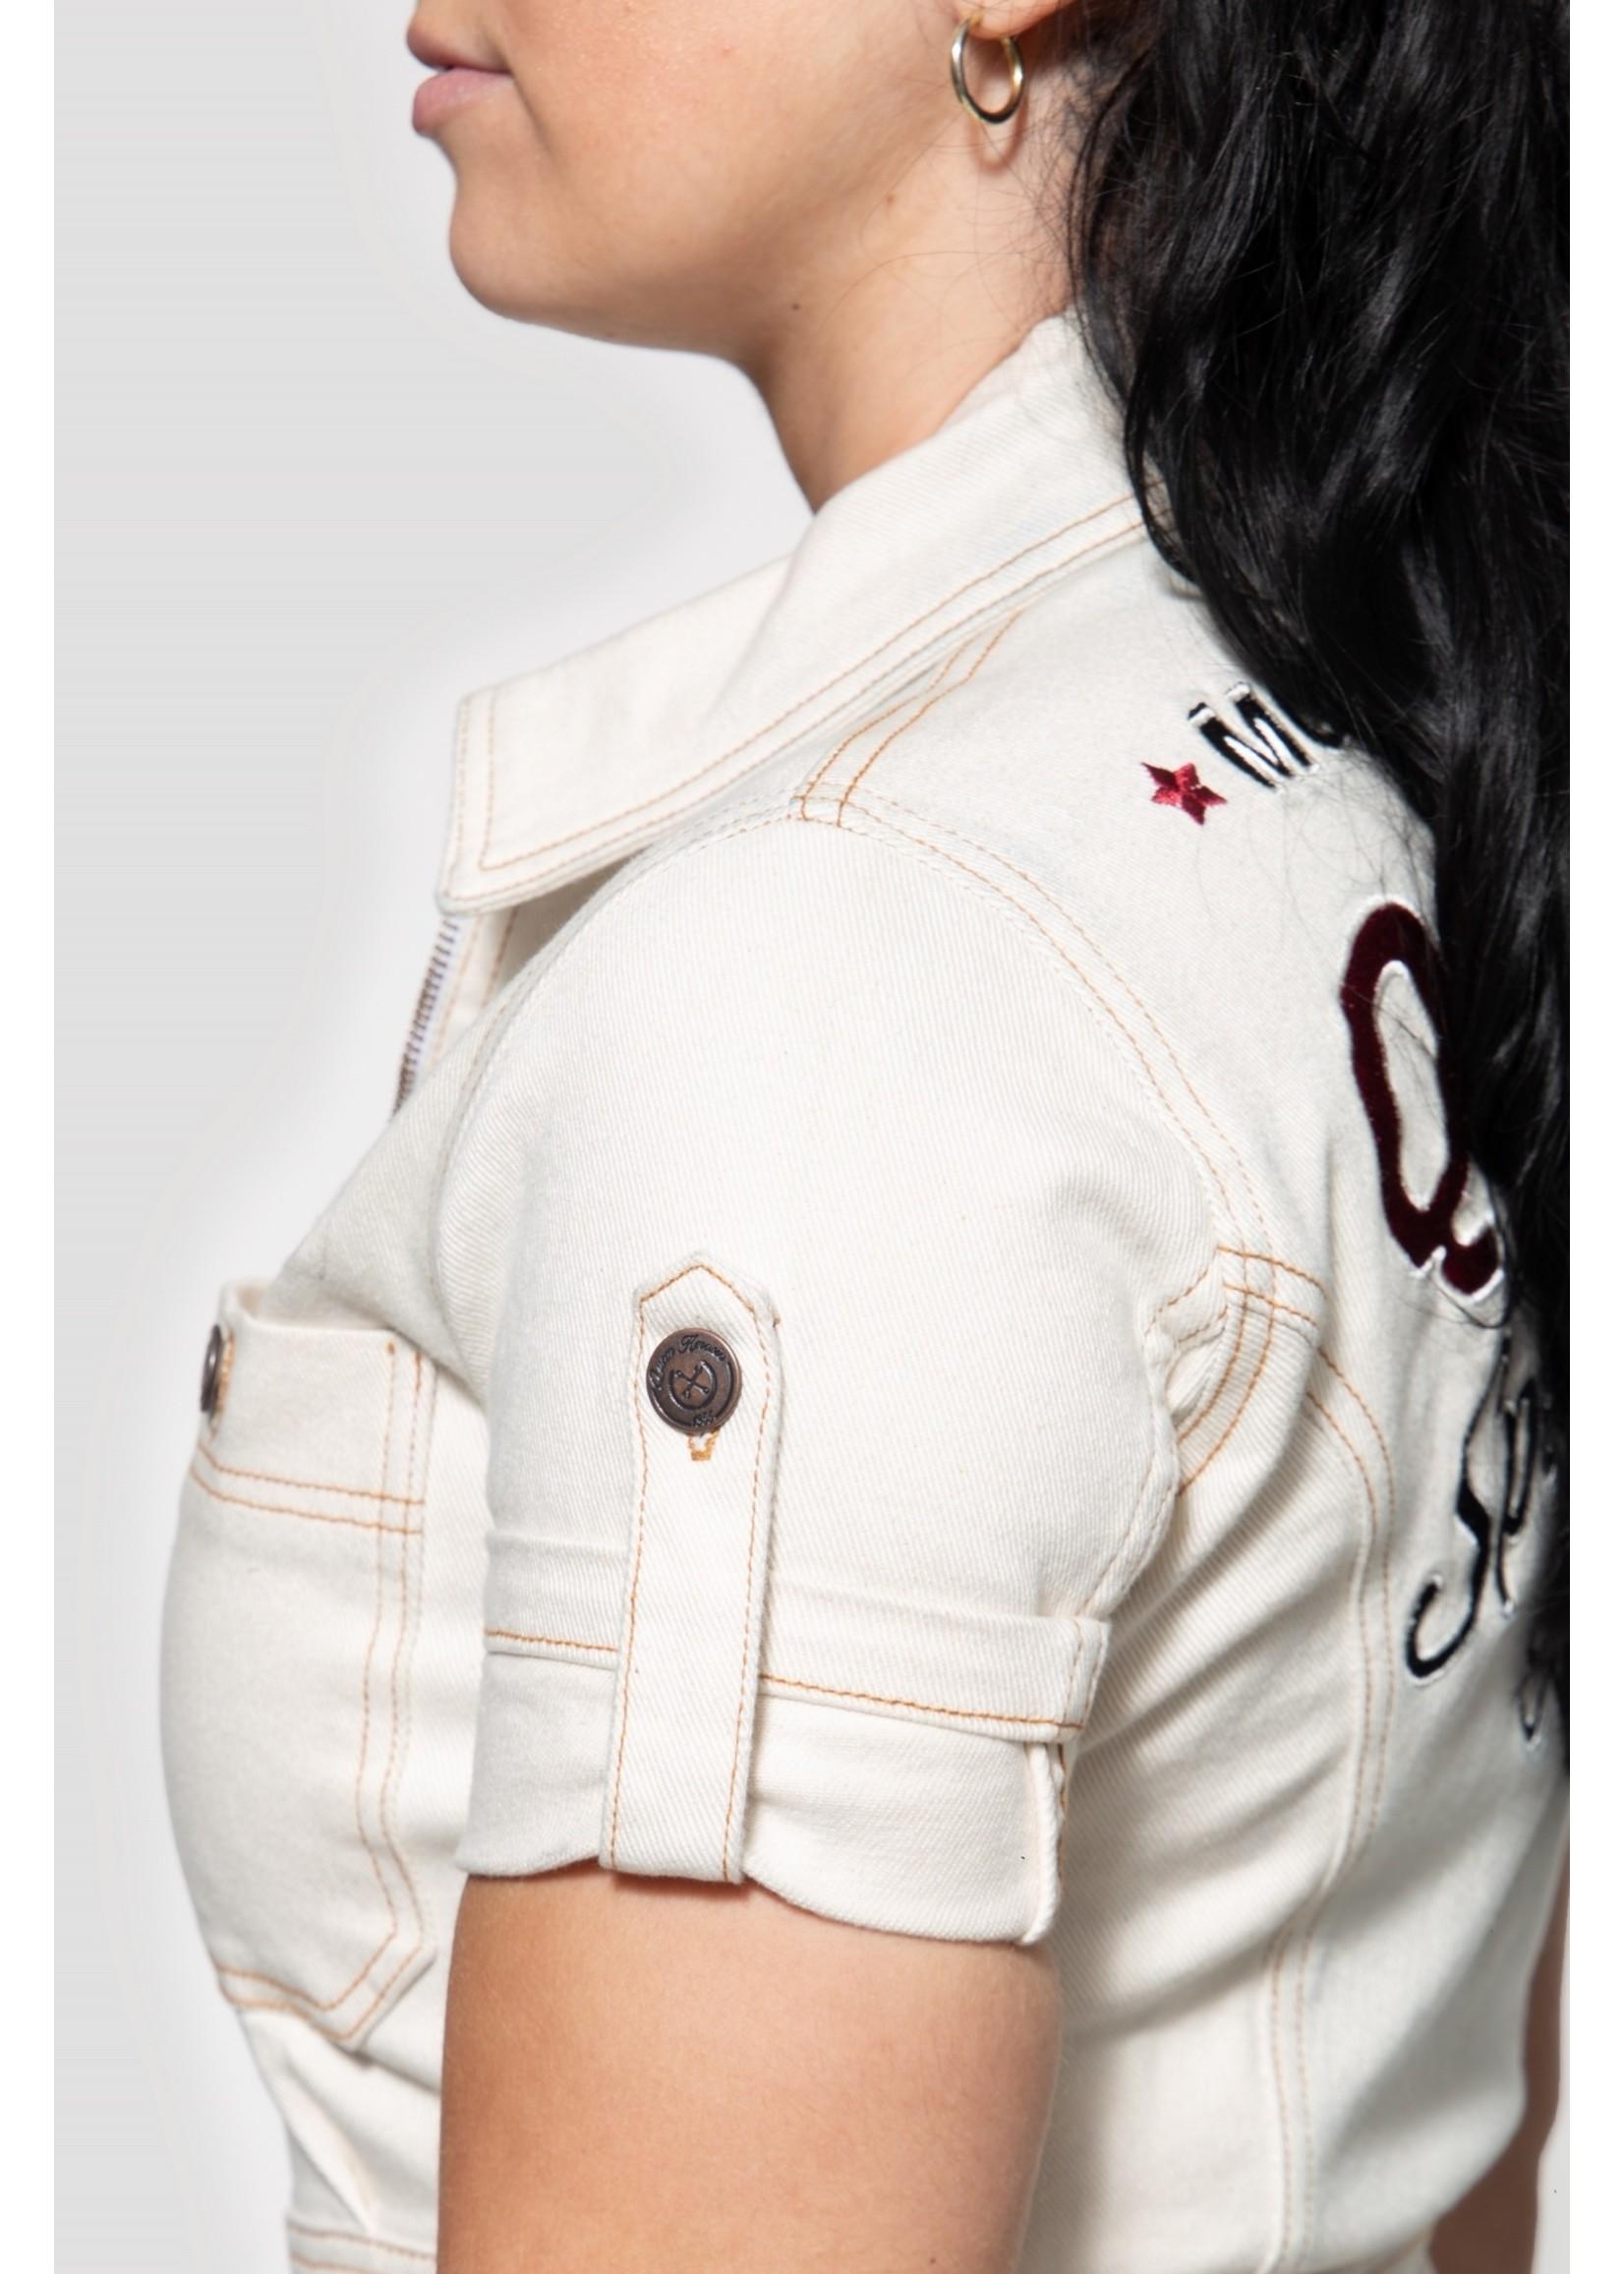 Queen Kerosin Queen Kerosin 50s Workwear Dress in Offwhite